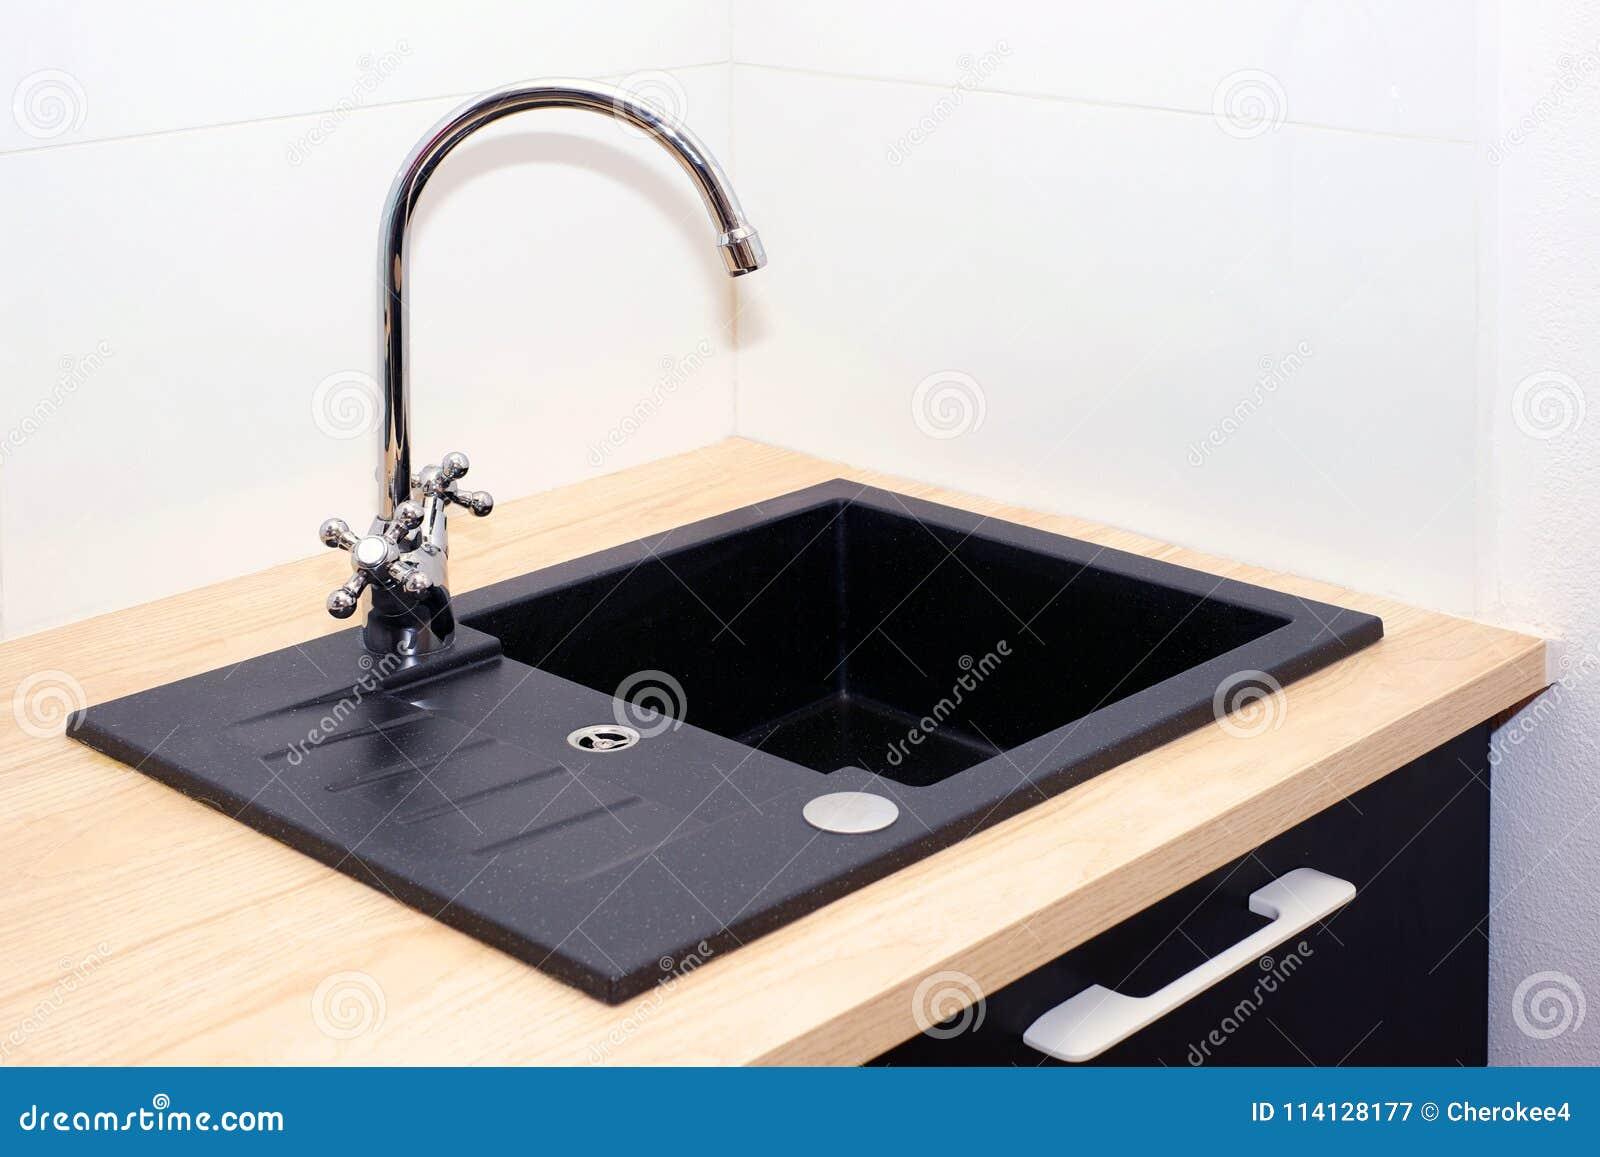 Spulbecken Und Wasserhahn In Der Kuche In Einer Modernen Wohnung Haushaltsgerate Stockbild Bild Von Haushaltsgerate Kuche 114128177